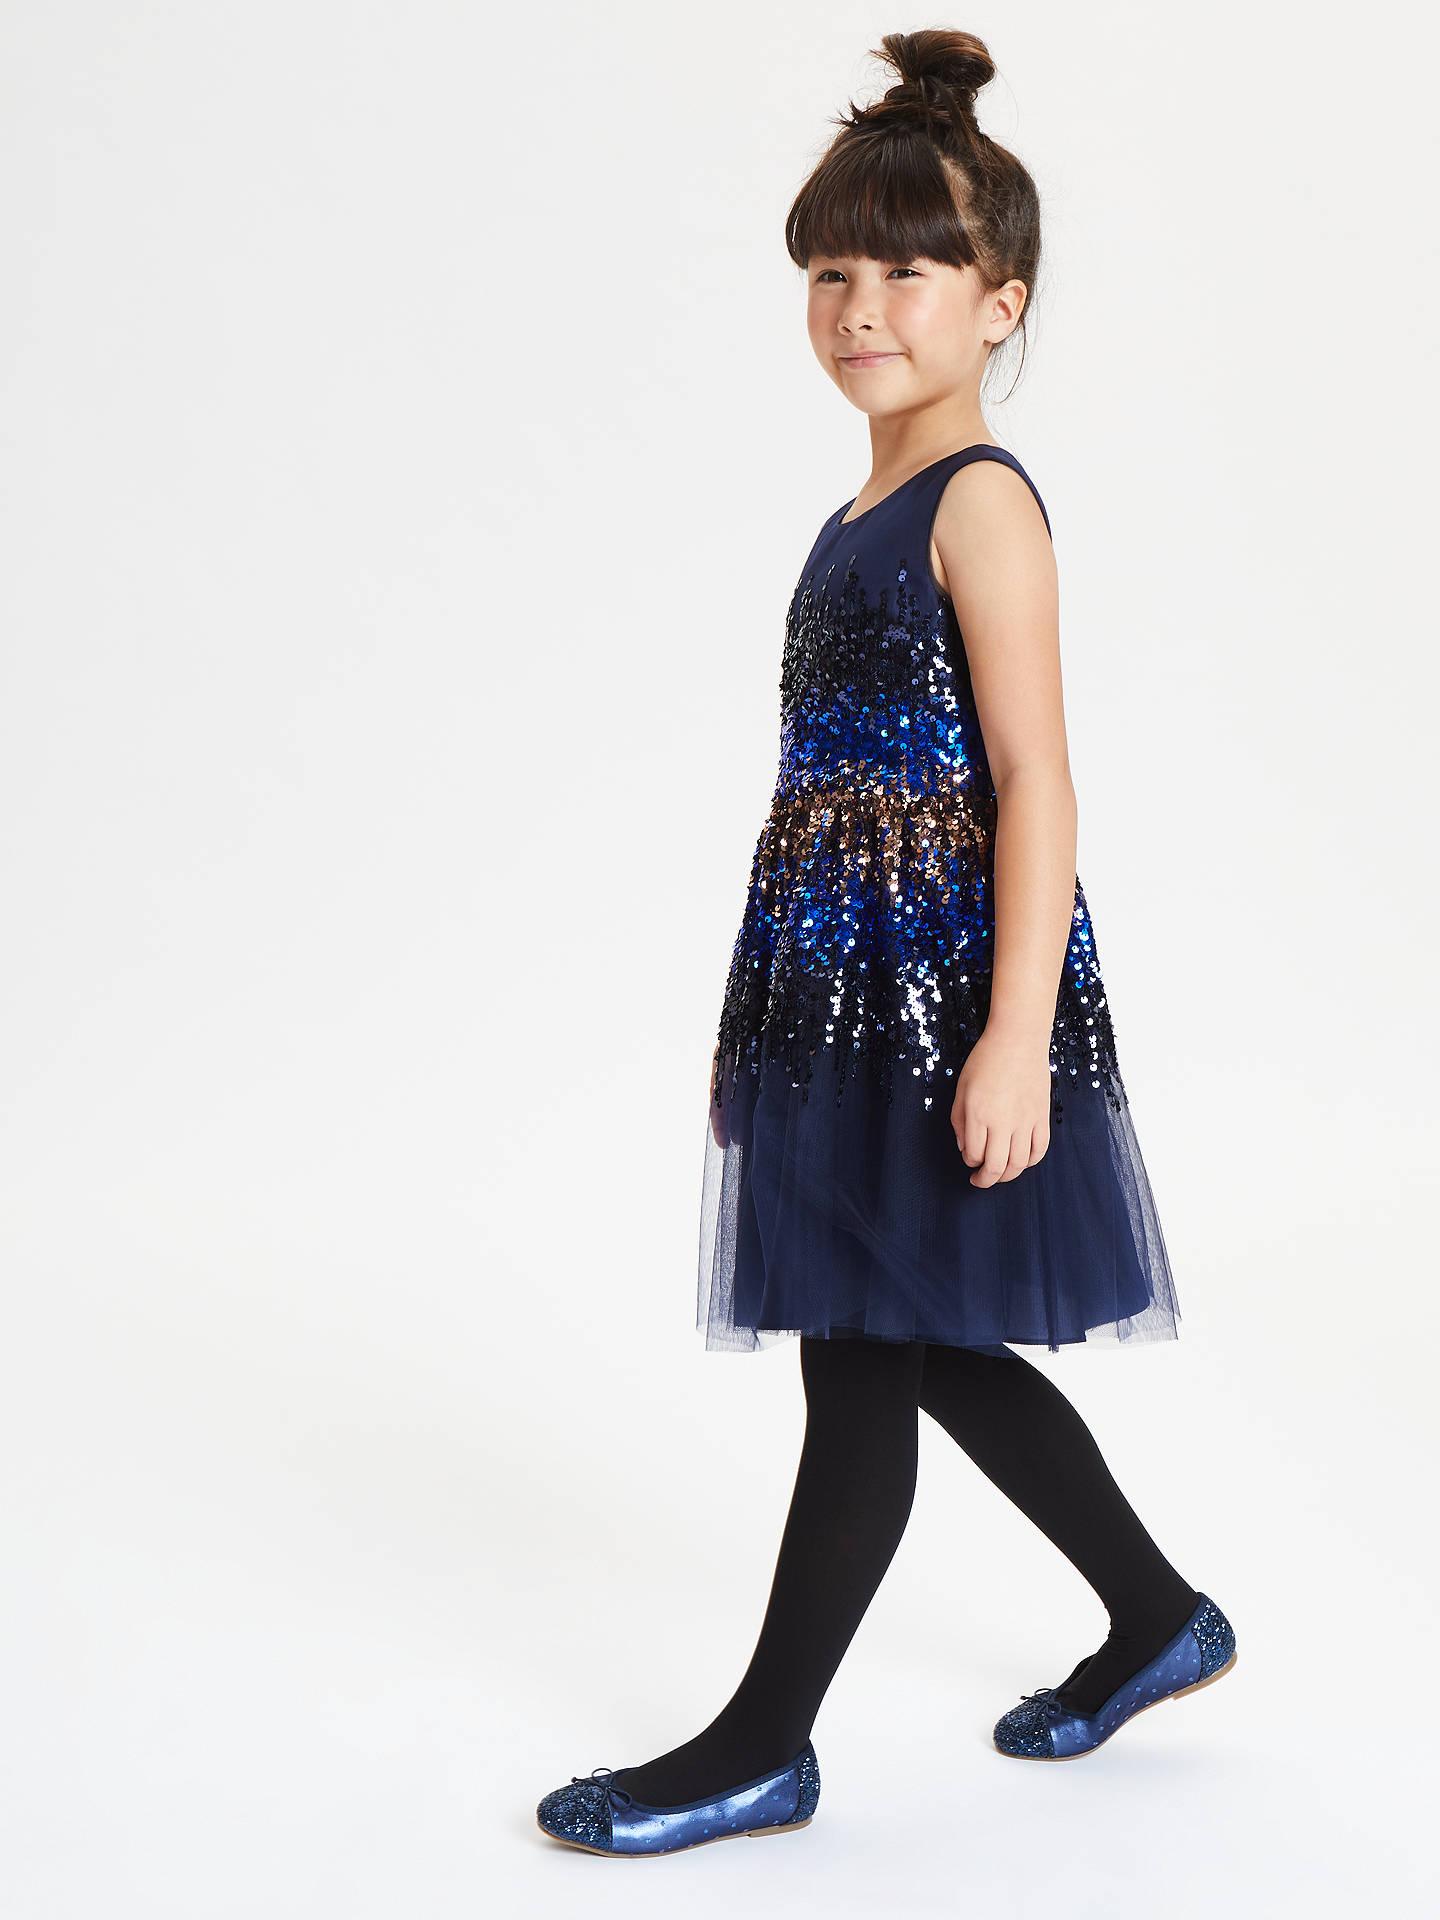 656c66f9 ... Buy John Lewis & Partners Girls' Sequin Panel Dress, Navy, 3 years  Online ...